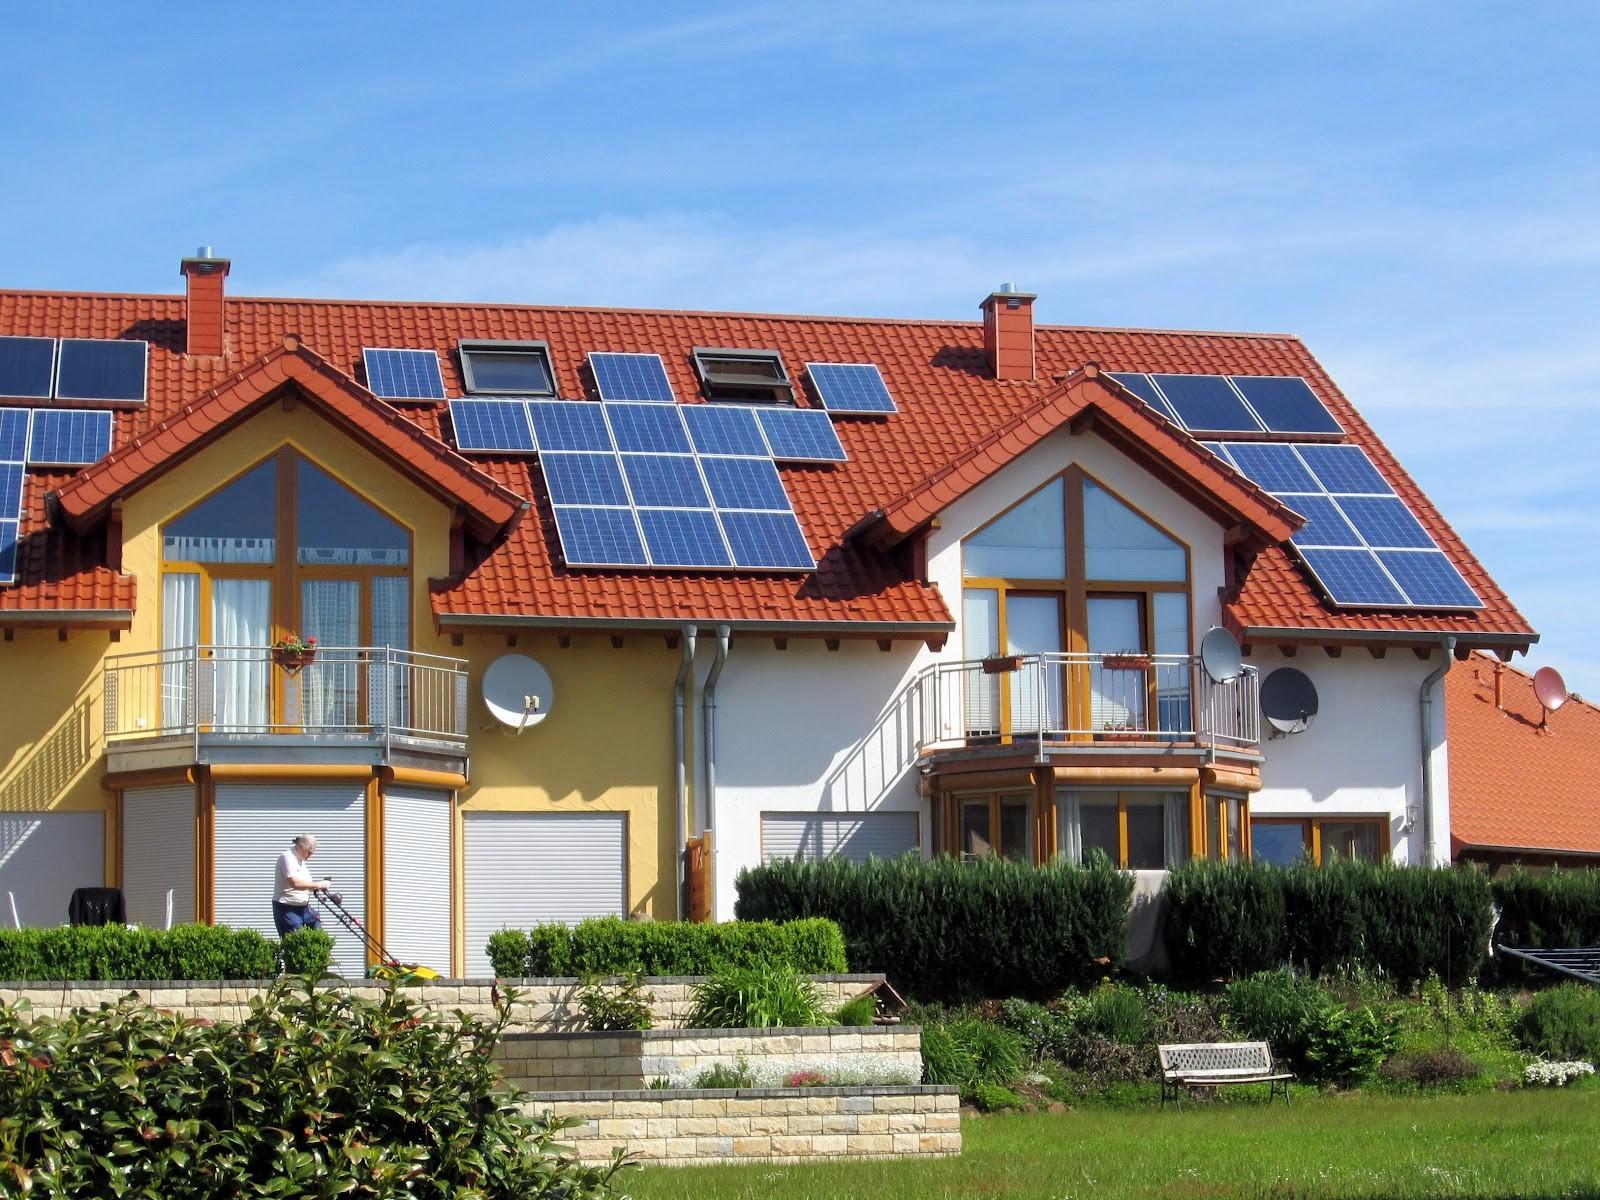 Impianto Fotovoltaico Vantaggi Prezzi E Funzionamento